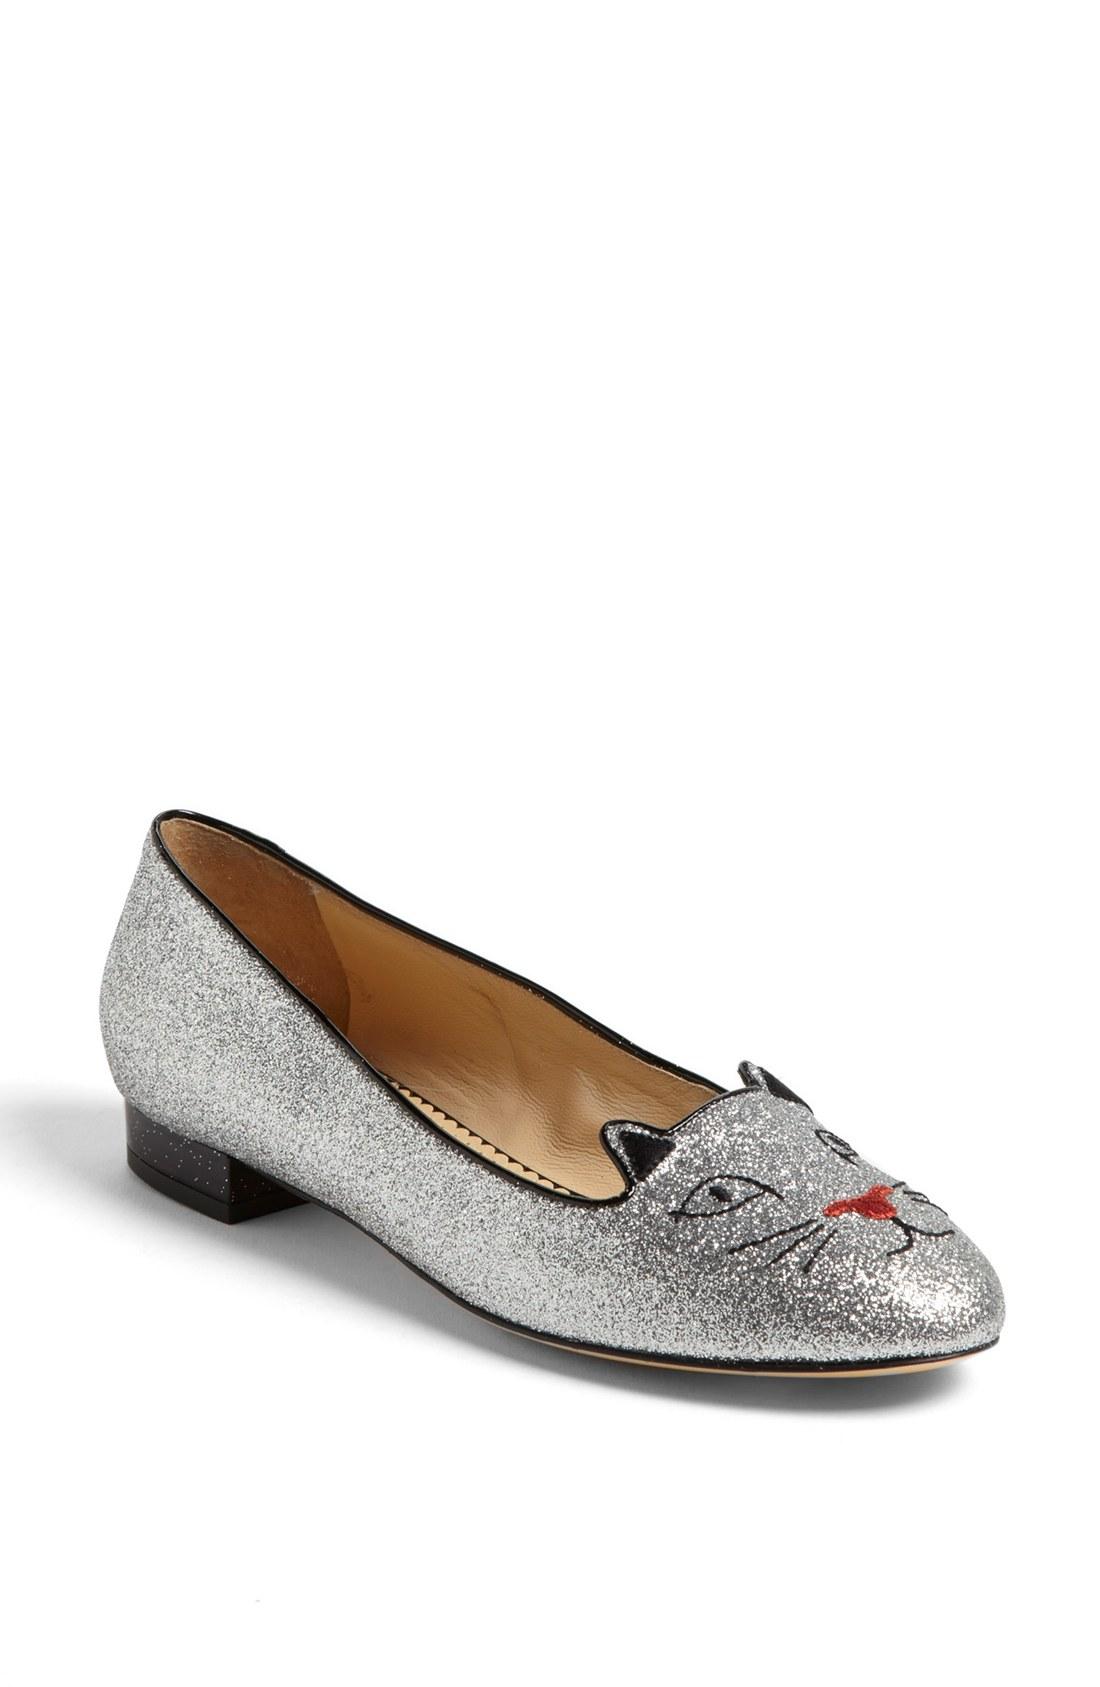 0400e786b1a CHARLOTTE OLYMPIA Silver Glitter Kitty Flat